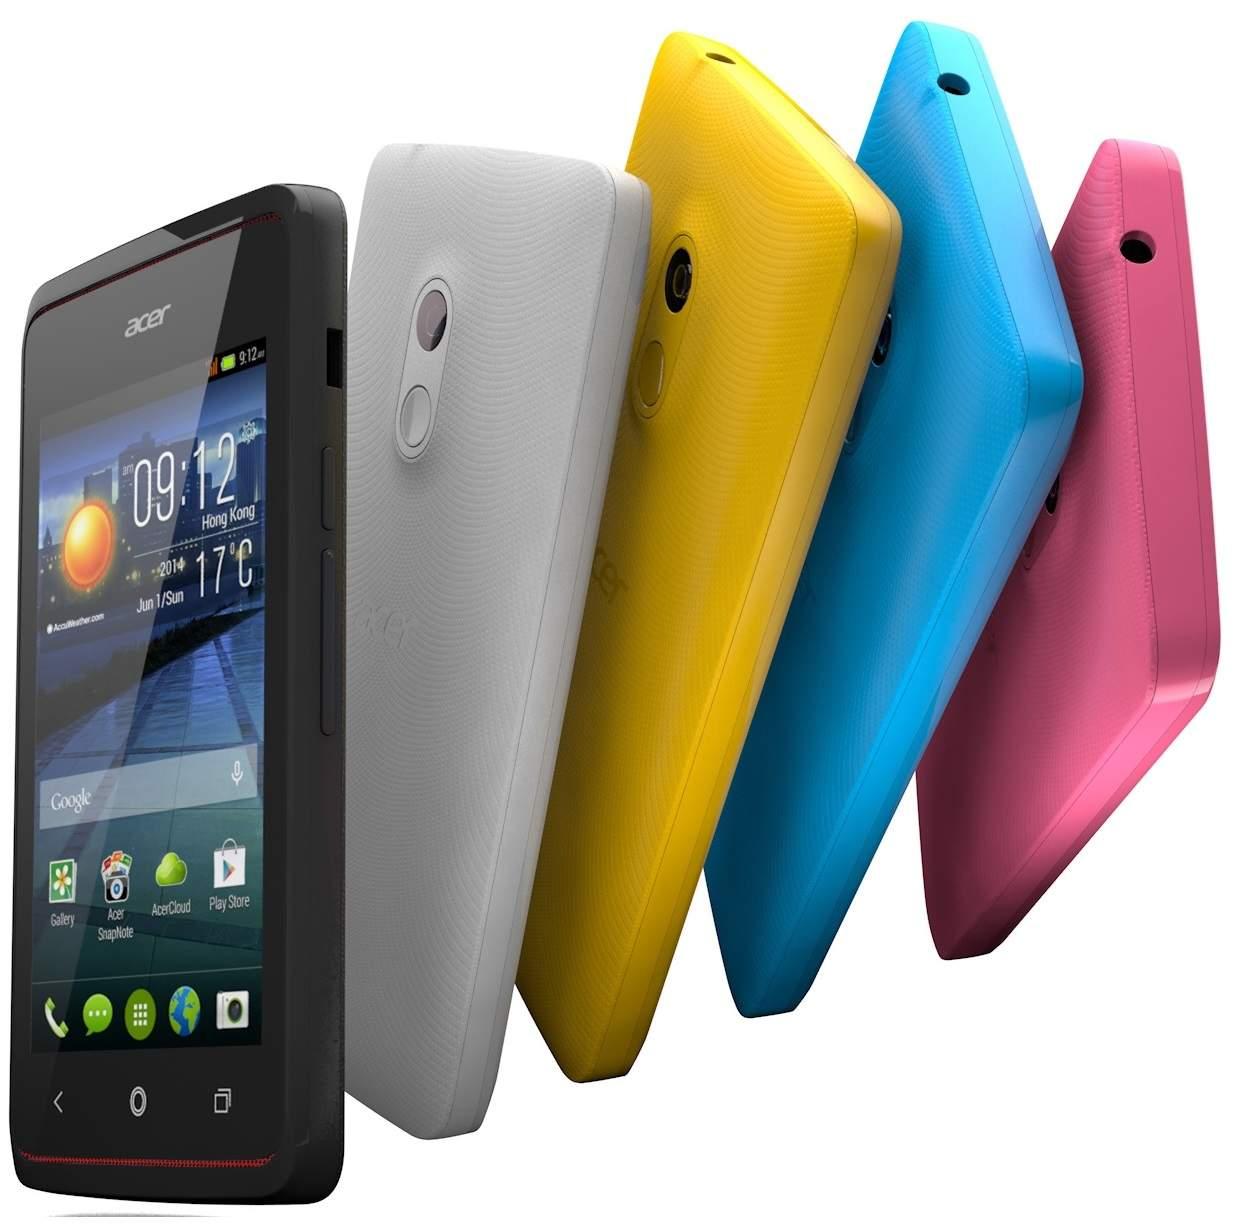 10 Smartphone Acer Terpopuler Mei 2015 Harga Mulai Dari Rp 600an Ribu